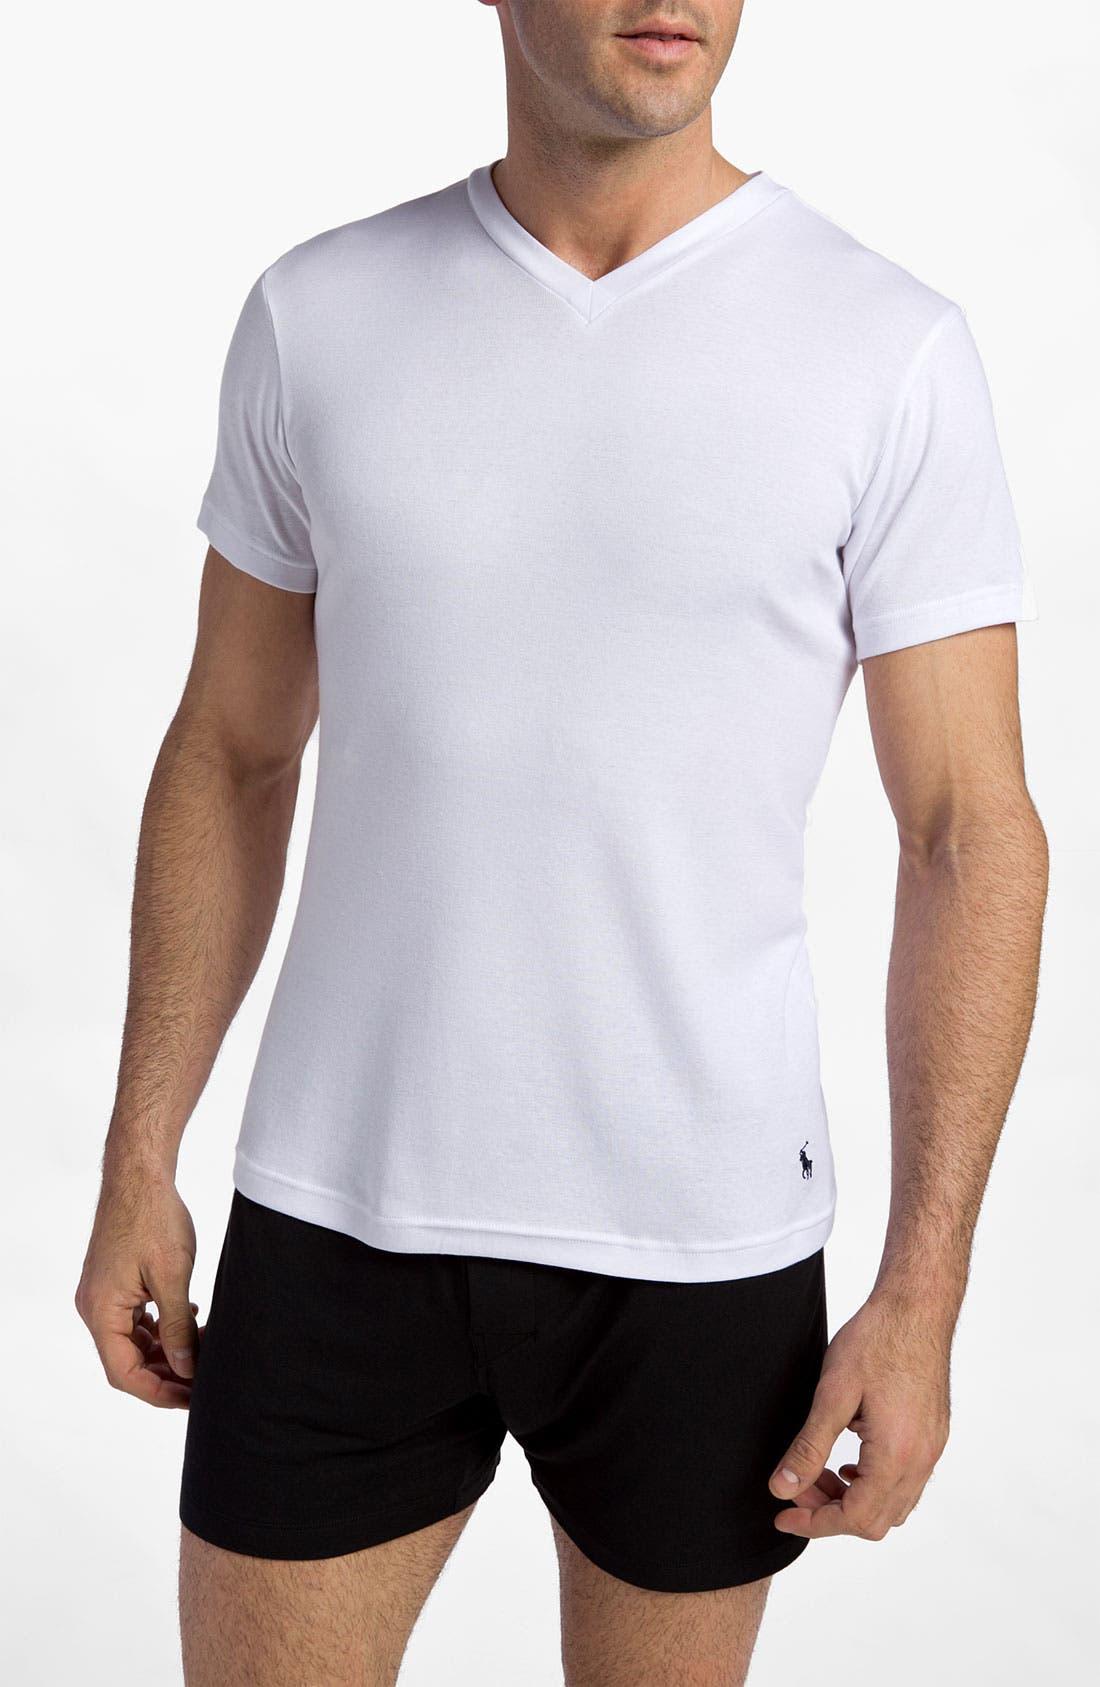 Main Image - Polo Ralph Lauren V-Neck T-Shirt (2-Pack)